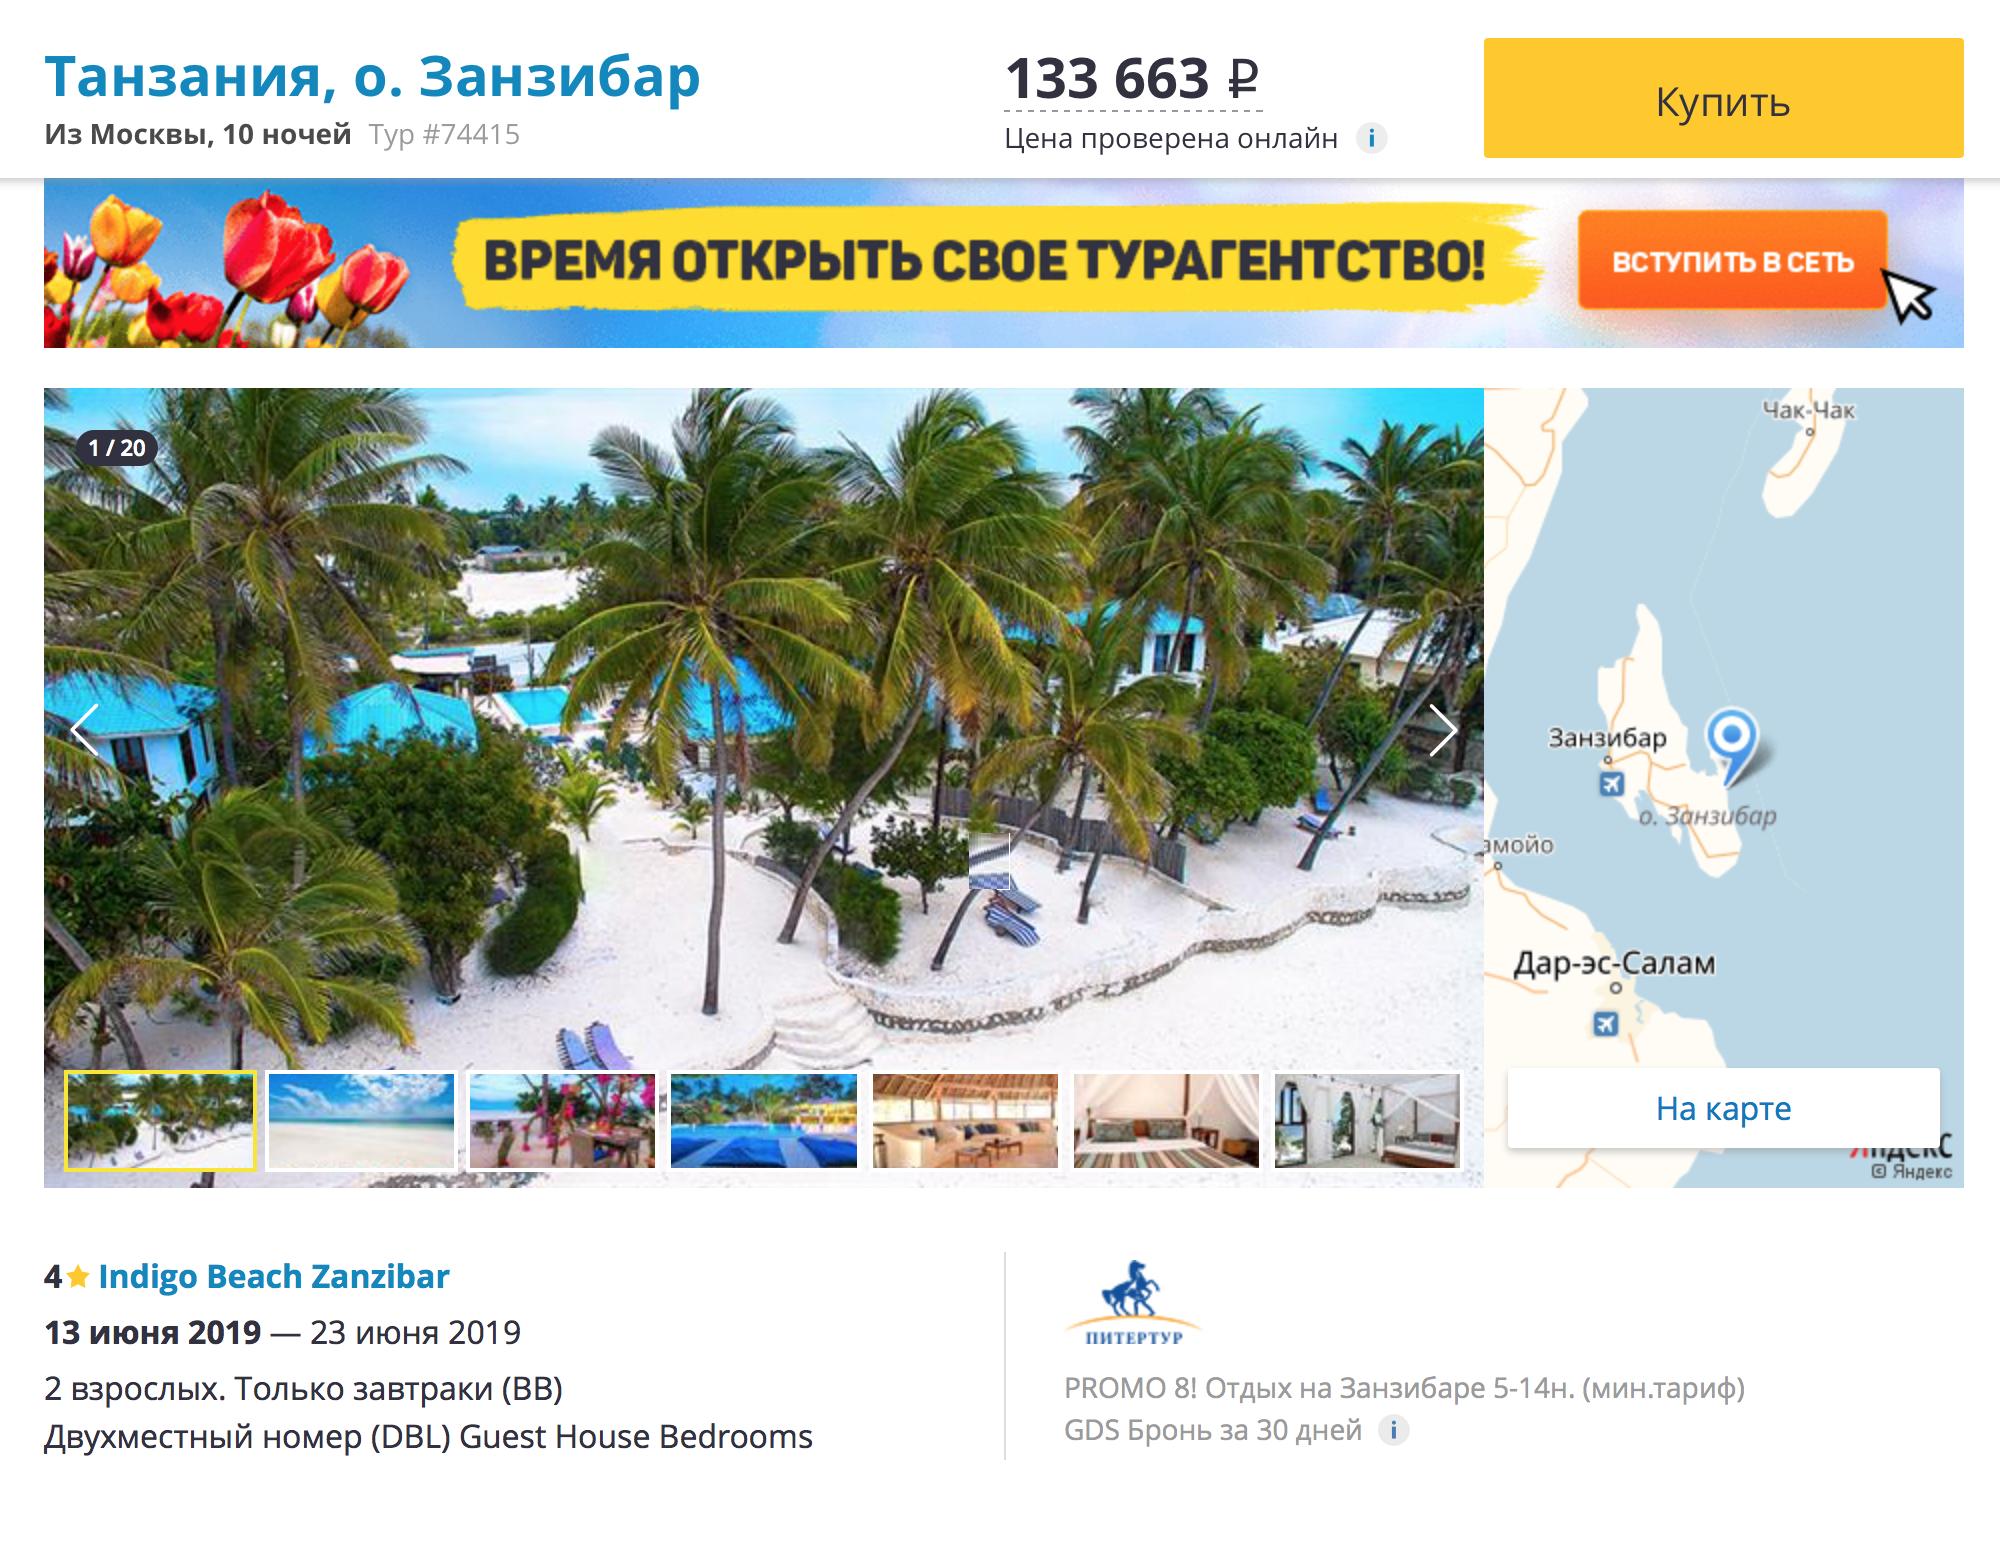 Тур на Занзибар в июне 2019года в четырехзвездочном отеле стоил 133тысячи рублей на двоих